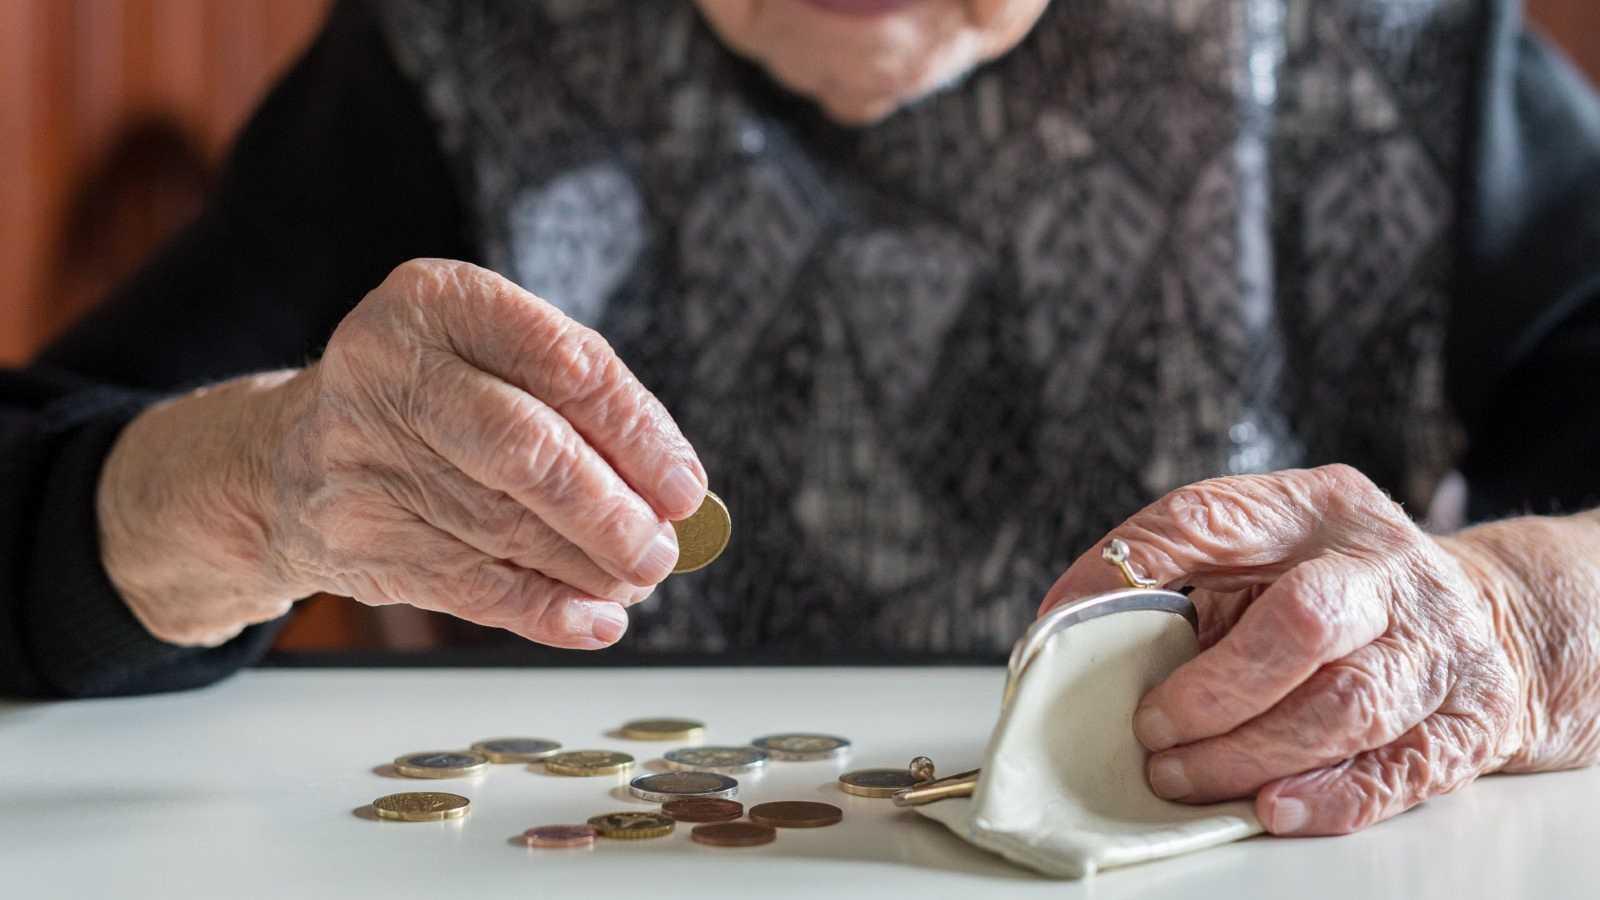 Una mujer calcula sus ahorros en un monedero, en una imagen de archivo.